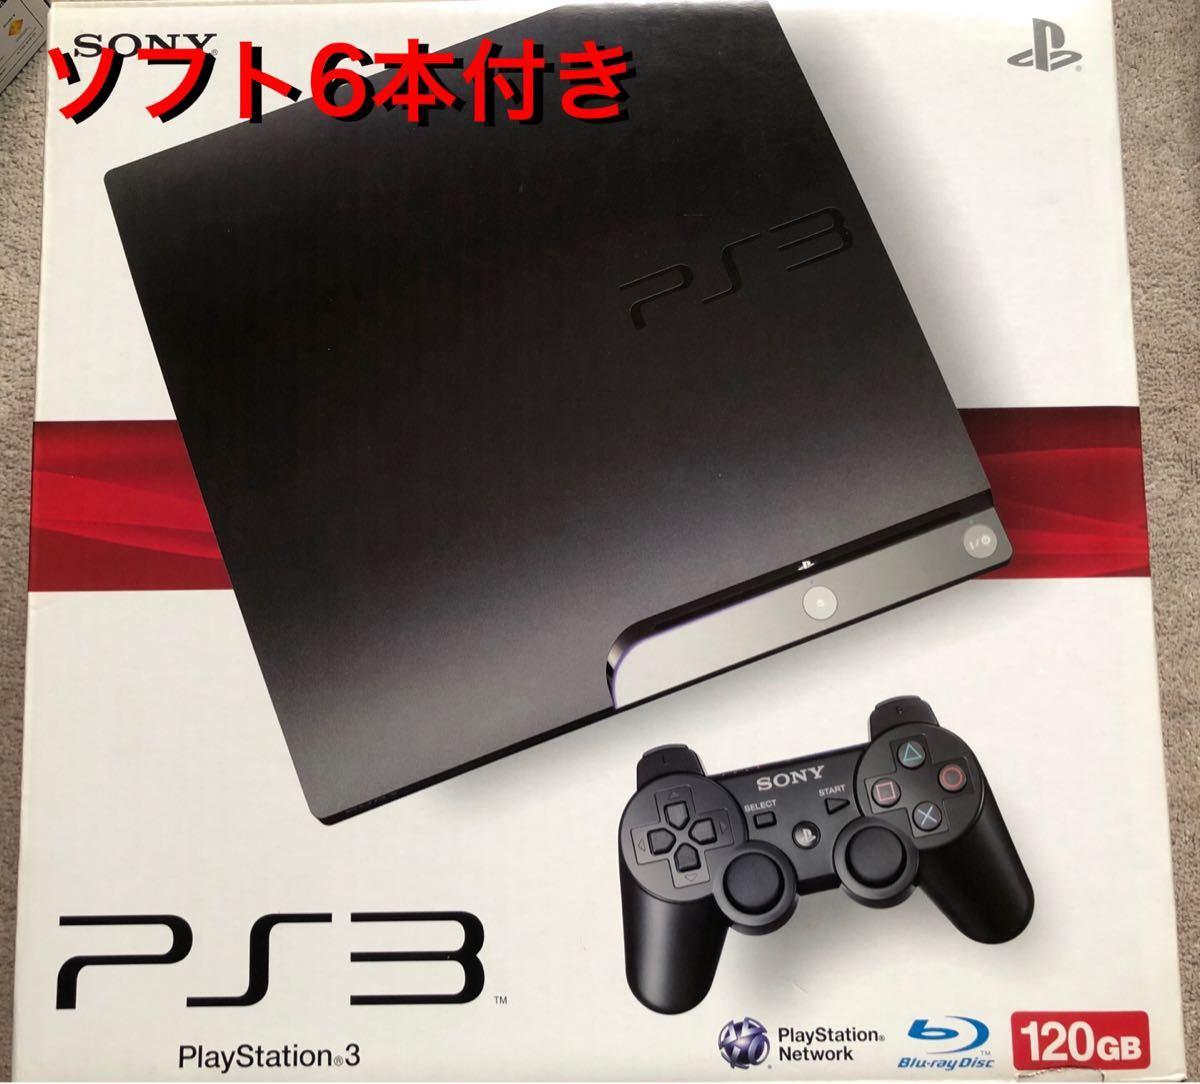 【ソフト6本付き】PlayStation3 CECH-2100A